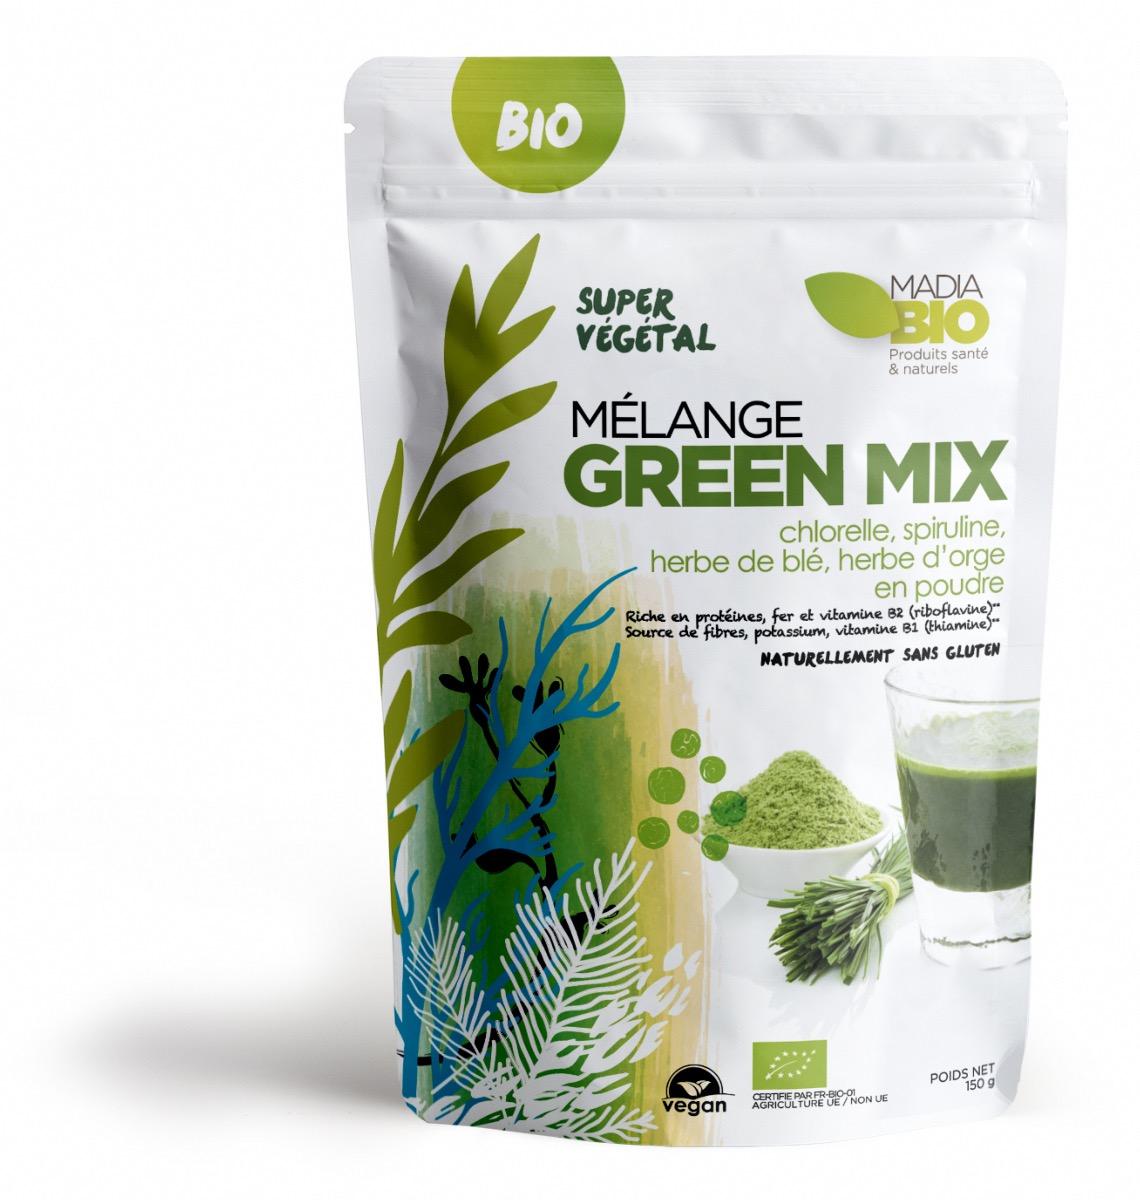 d0f0739f2ed Mélange Green Mix Bio - 150g - Madia Bio